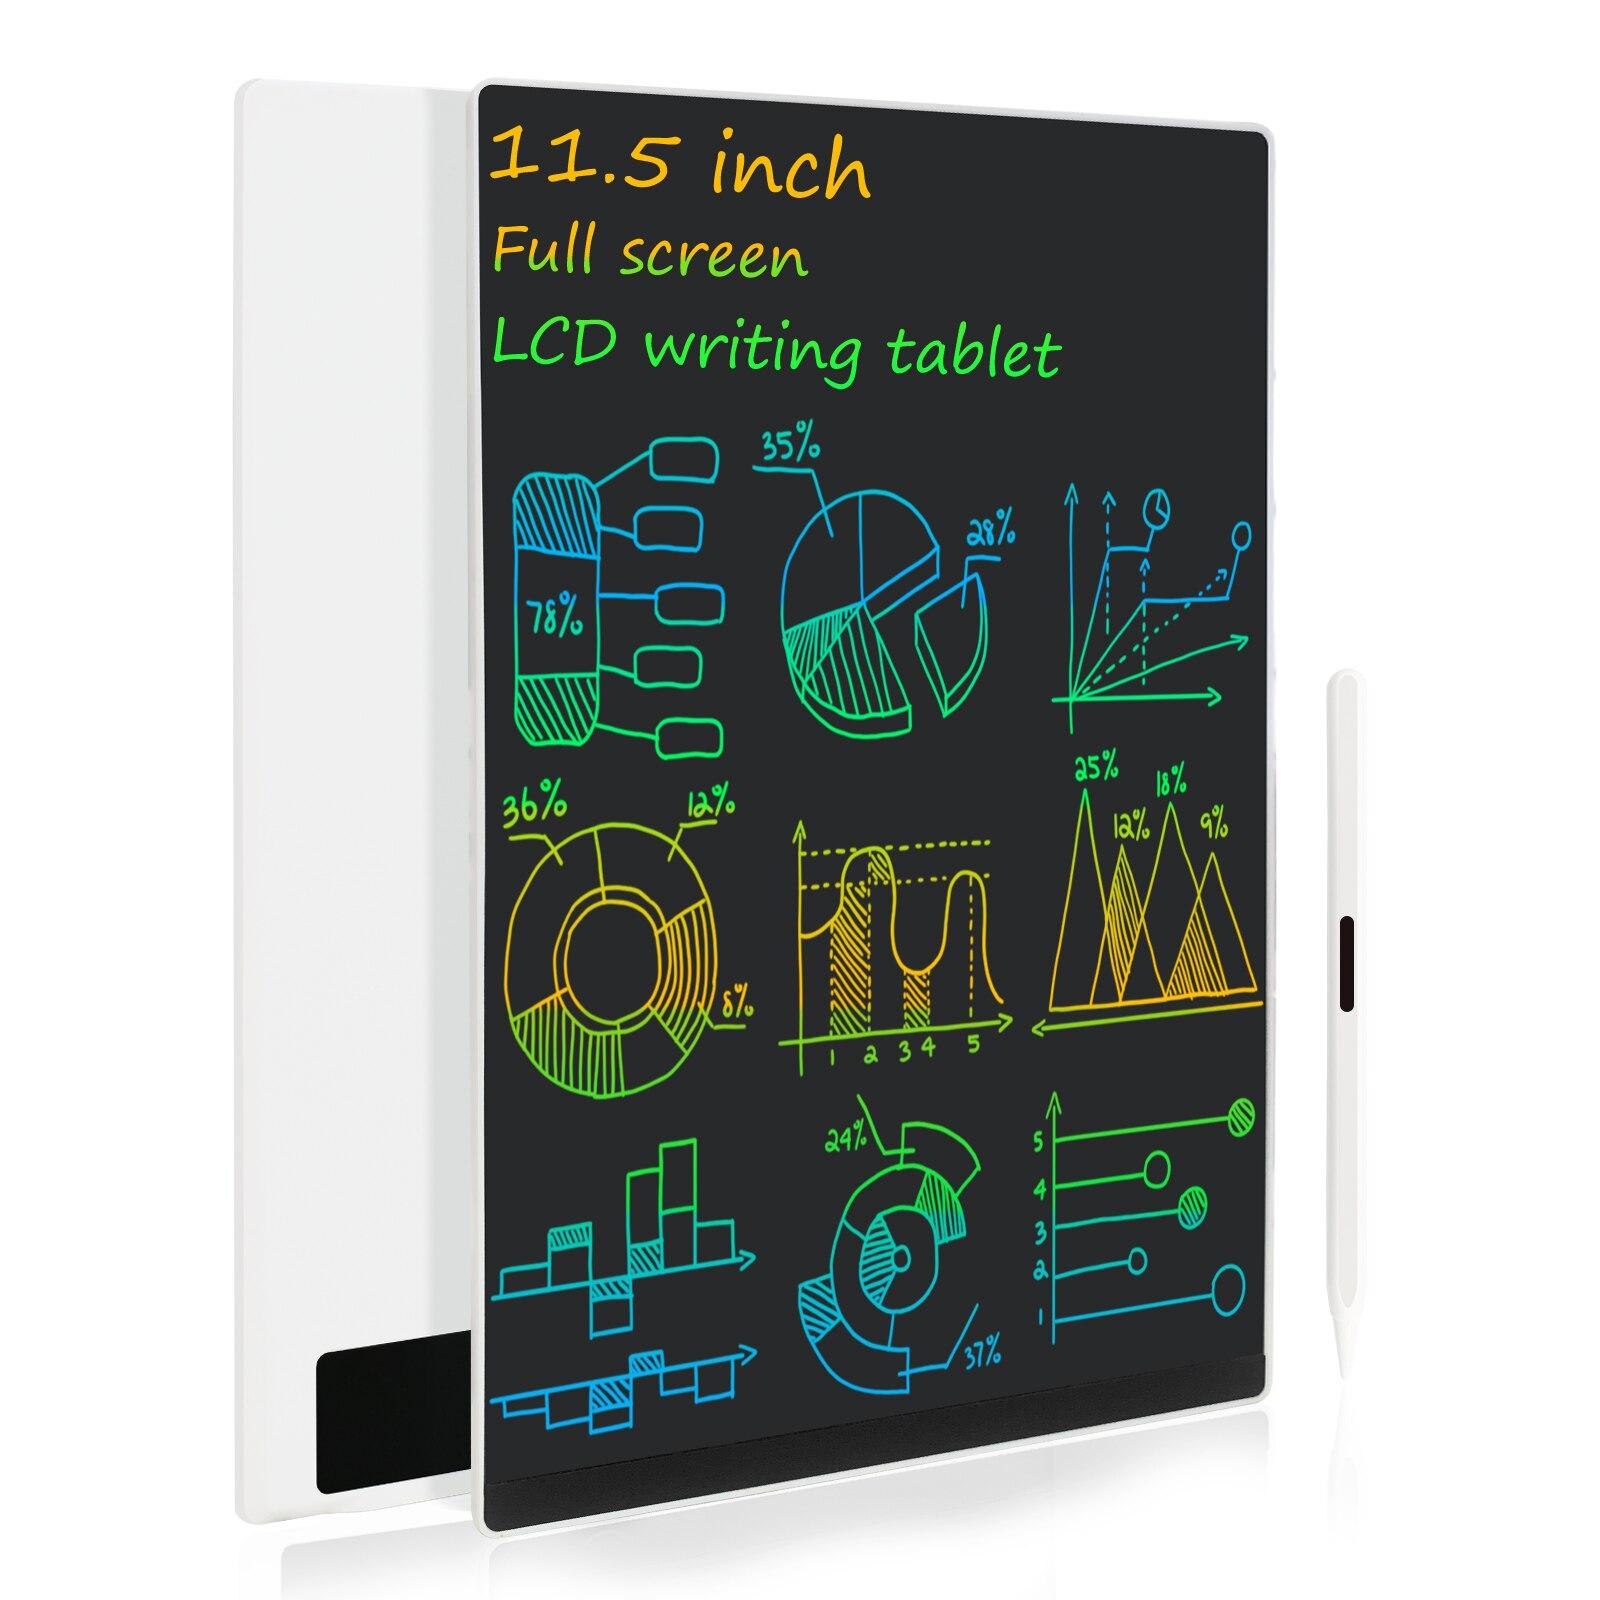 11.5 بوصة كمبيوتر لوحي LCD بشاشة للكتابة سوبر رقيقة كامل الشاشة الإلكترونية رسم خربش مجلس التعليمية و لعب للتعلم للبنين والبنات